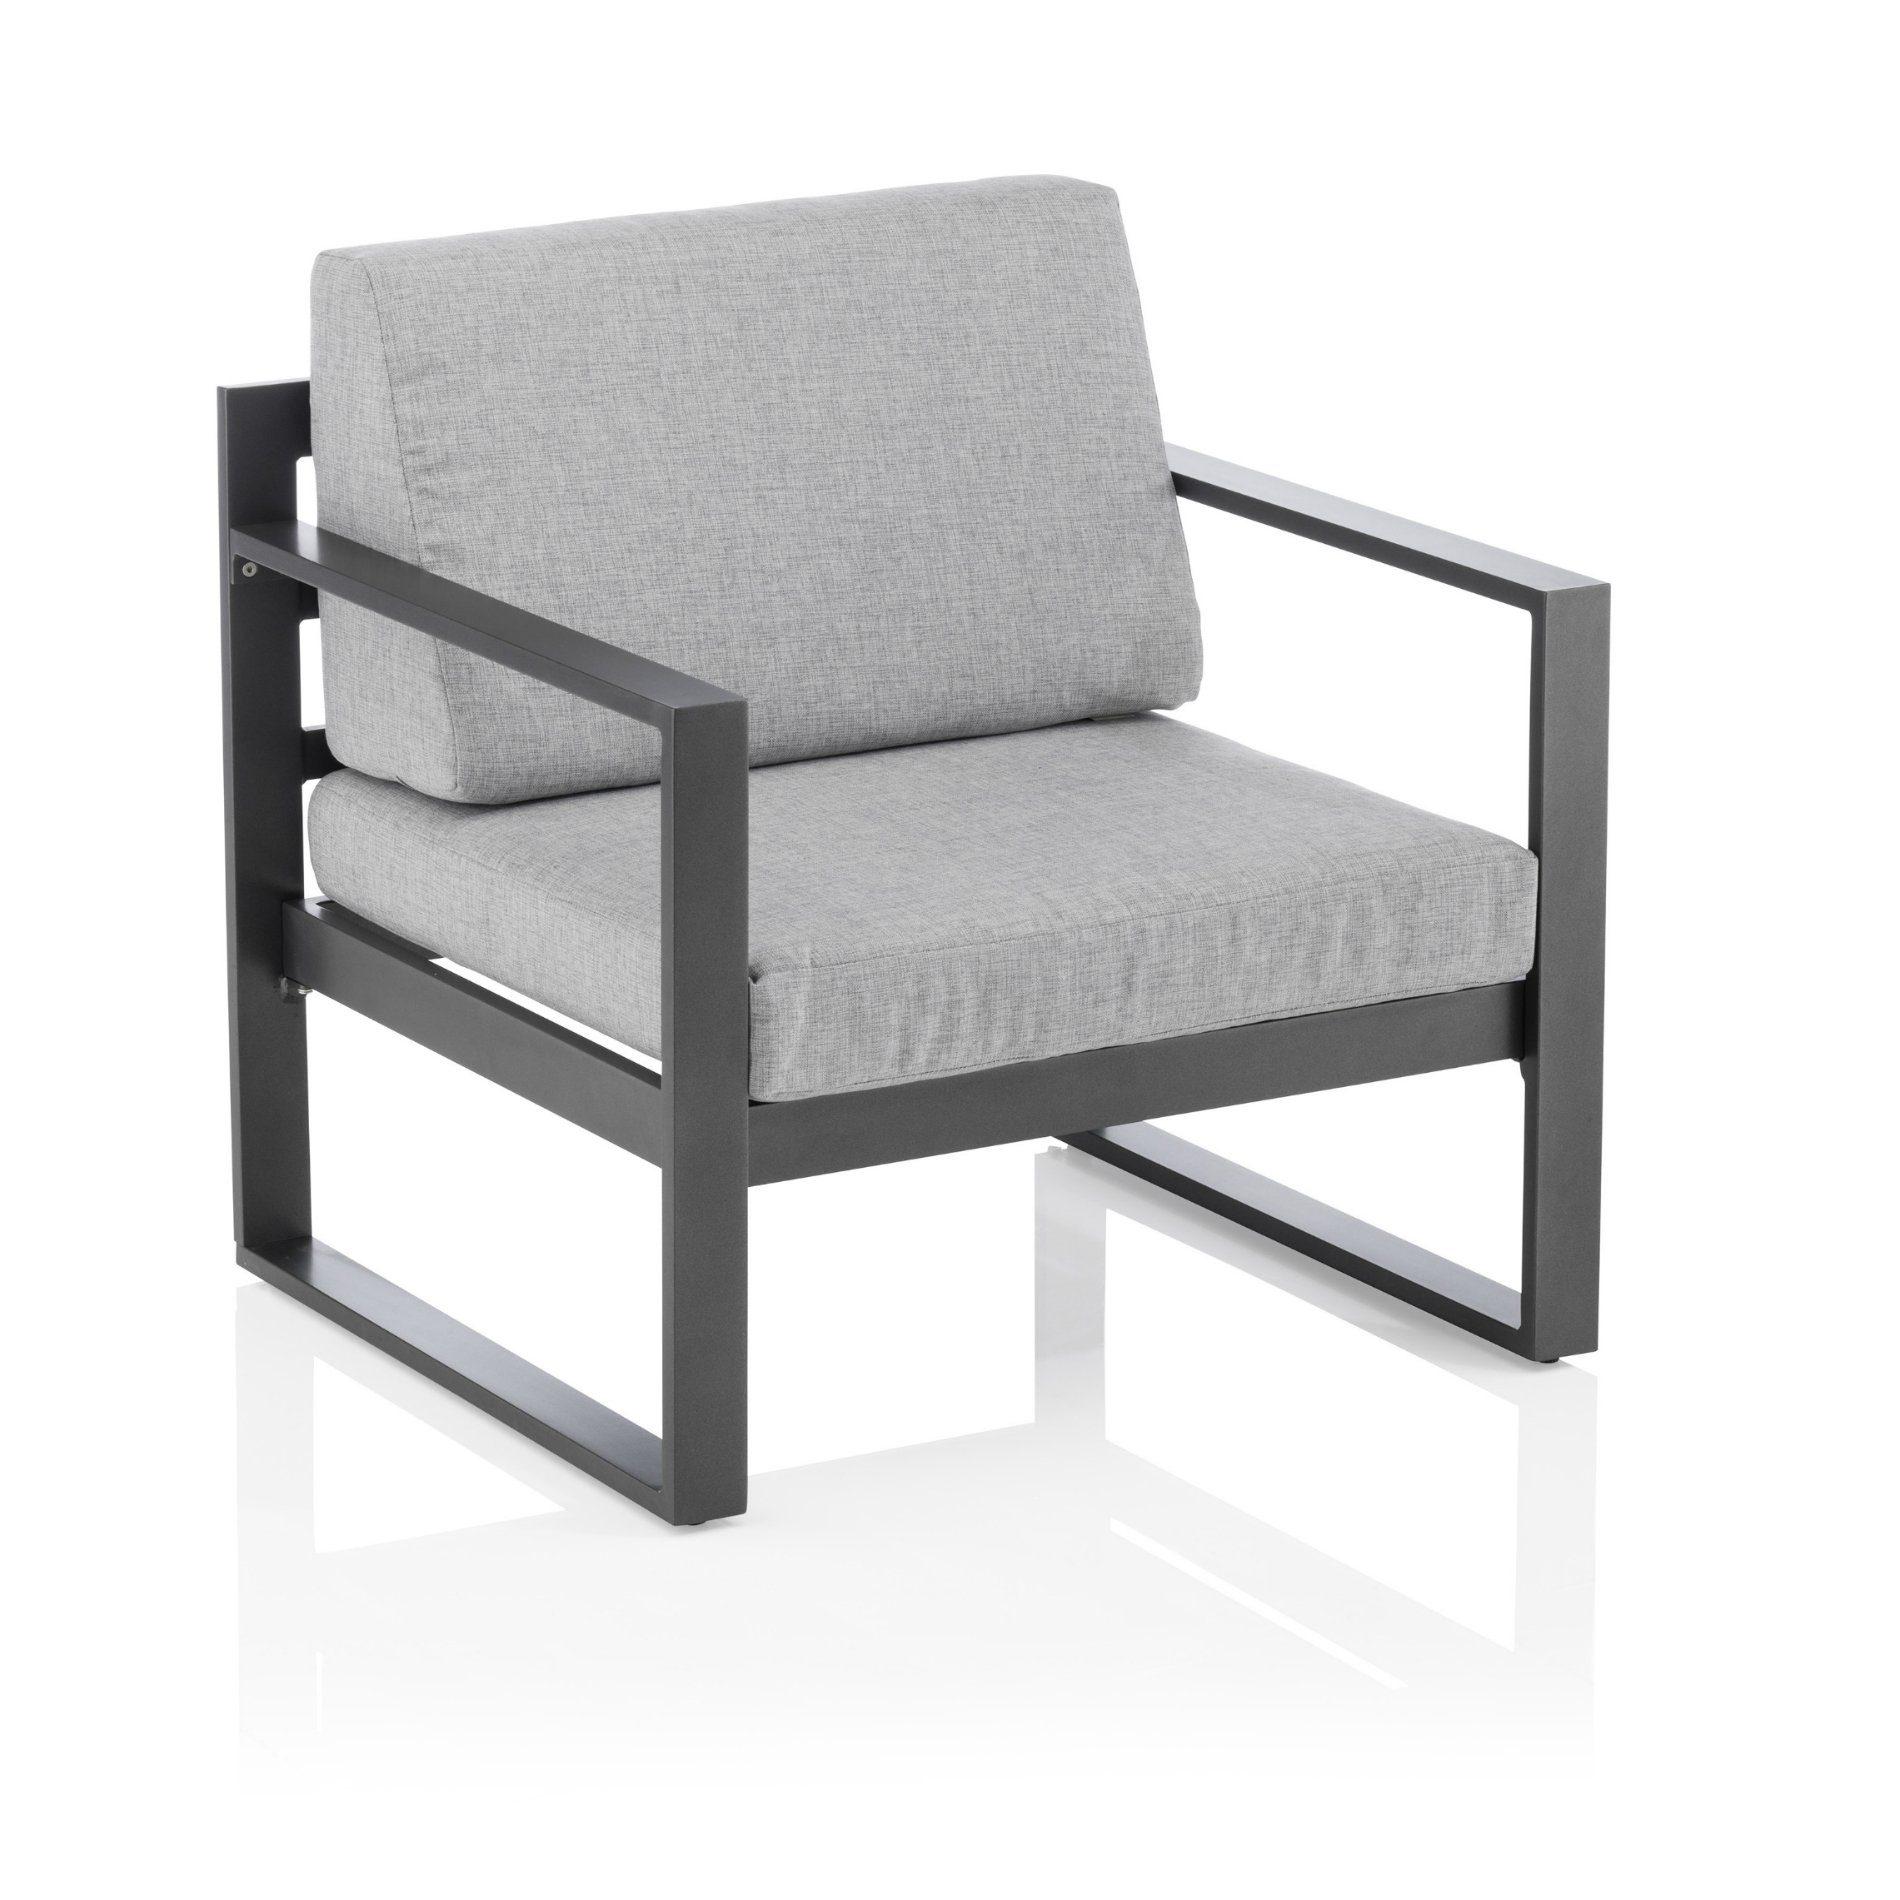 kettler ocean modular sessel. Black Bedroom Furniture Sets. Home Design Ideas